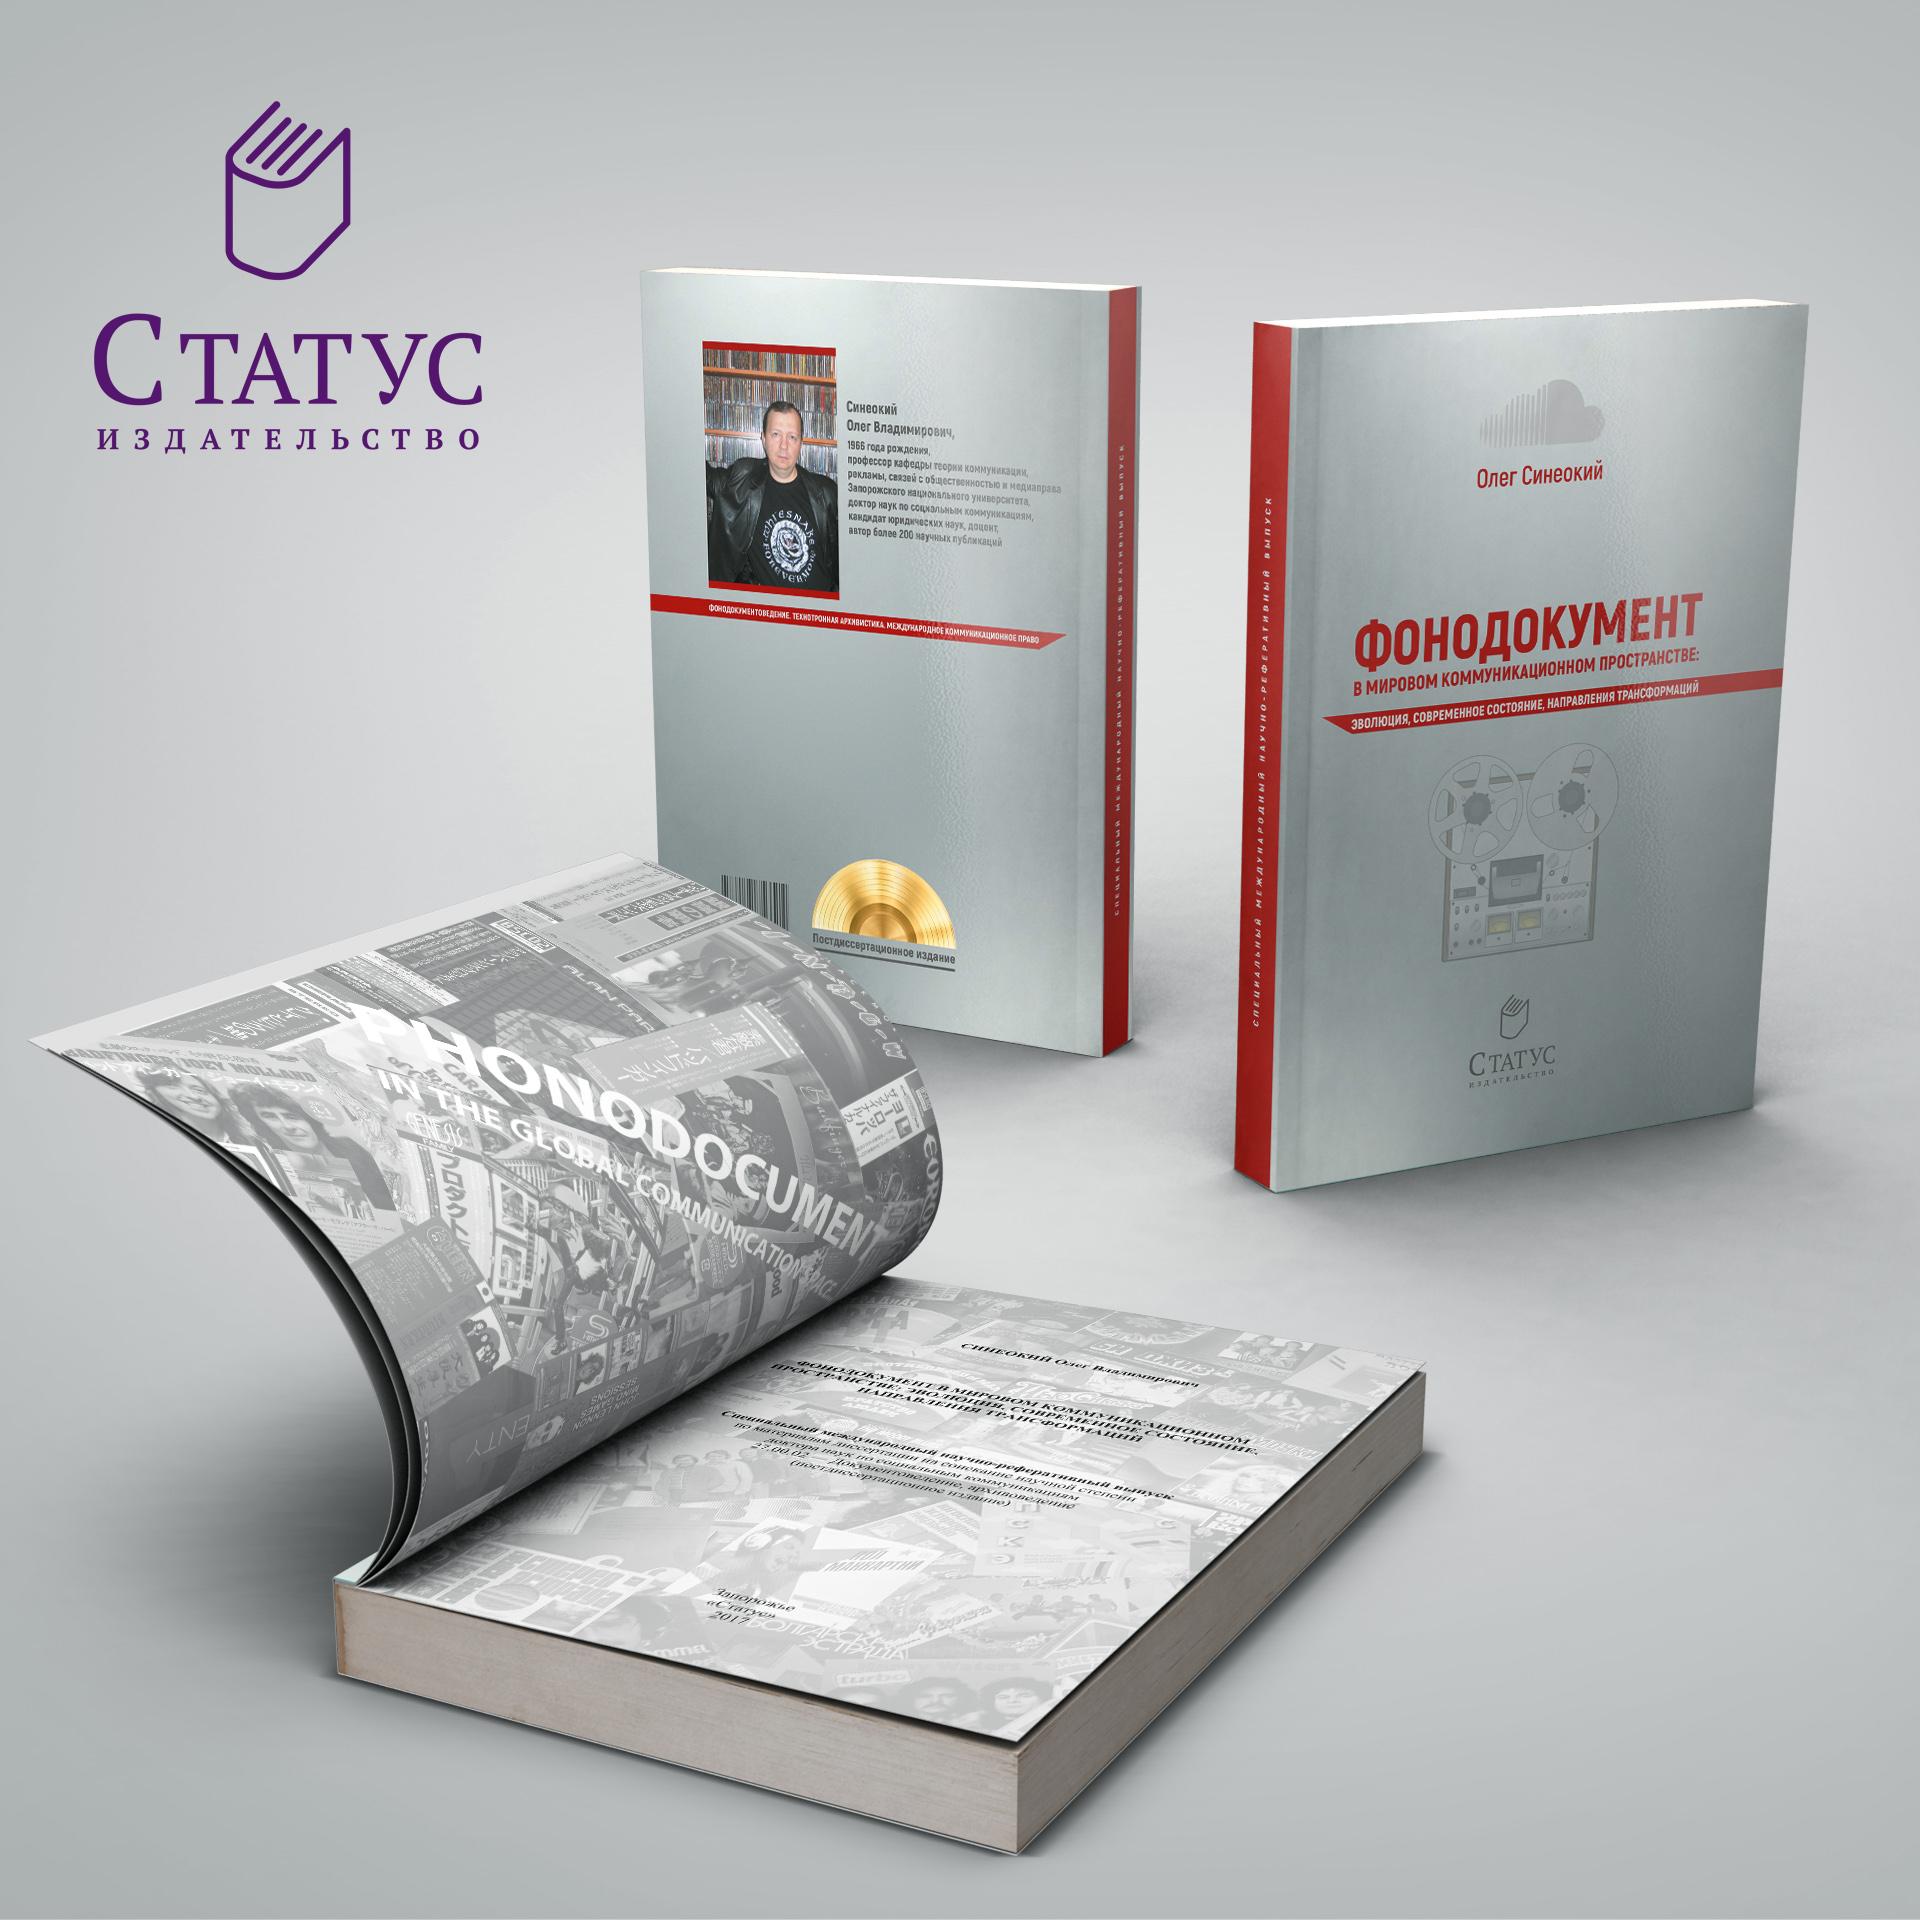 В издательстве «СТАТУС» вышла книга запорожского учёного Олега Синеокого